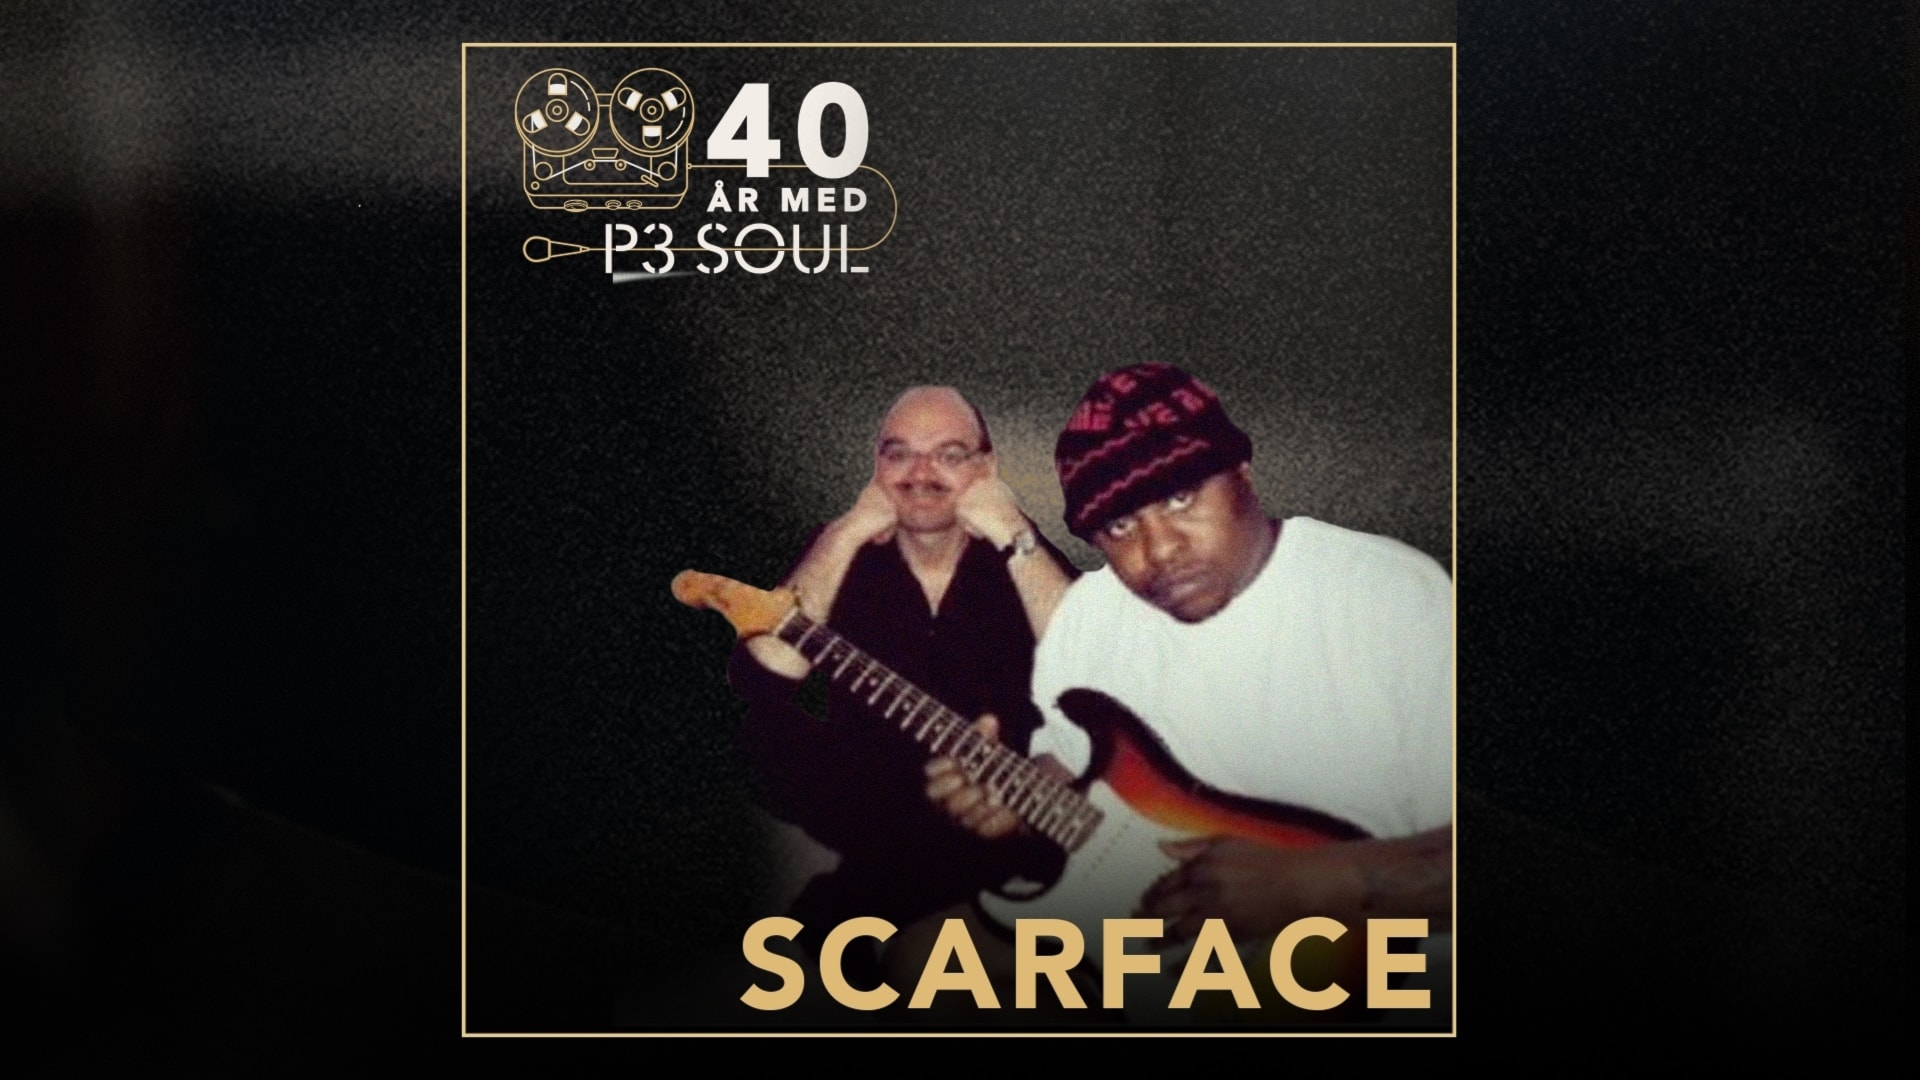 40 år med P3 Soul: Scarface